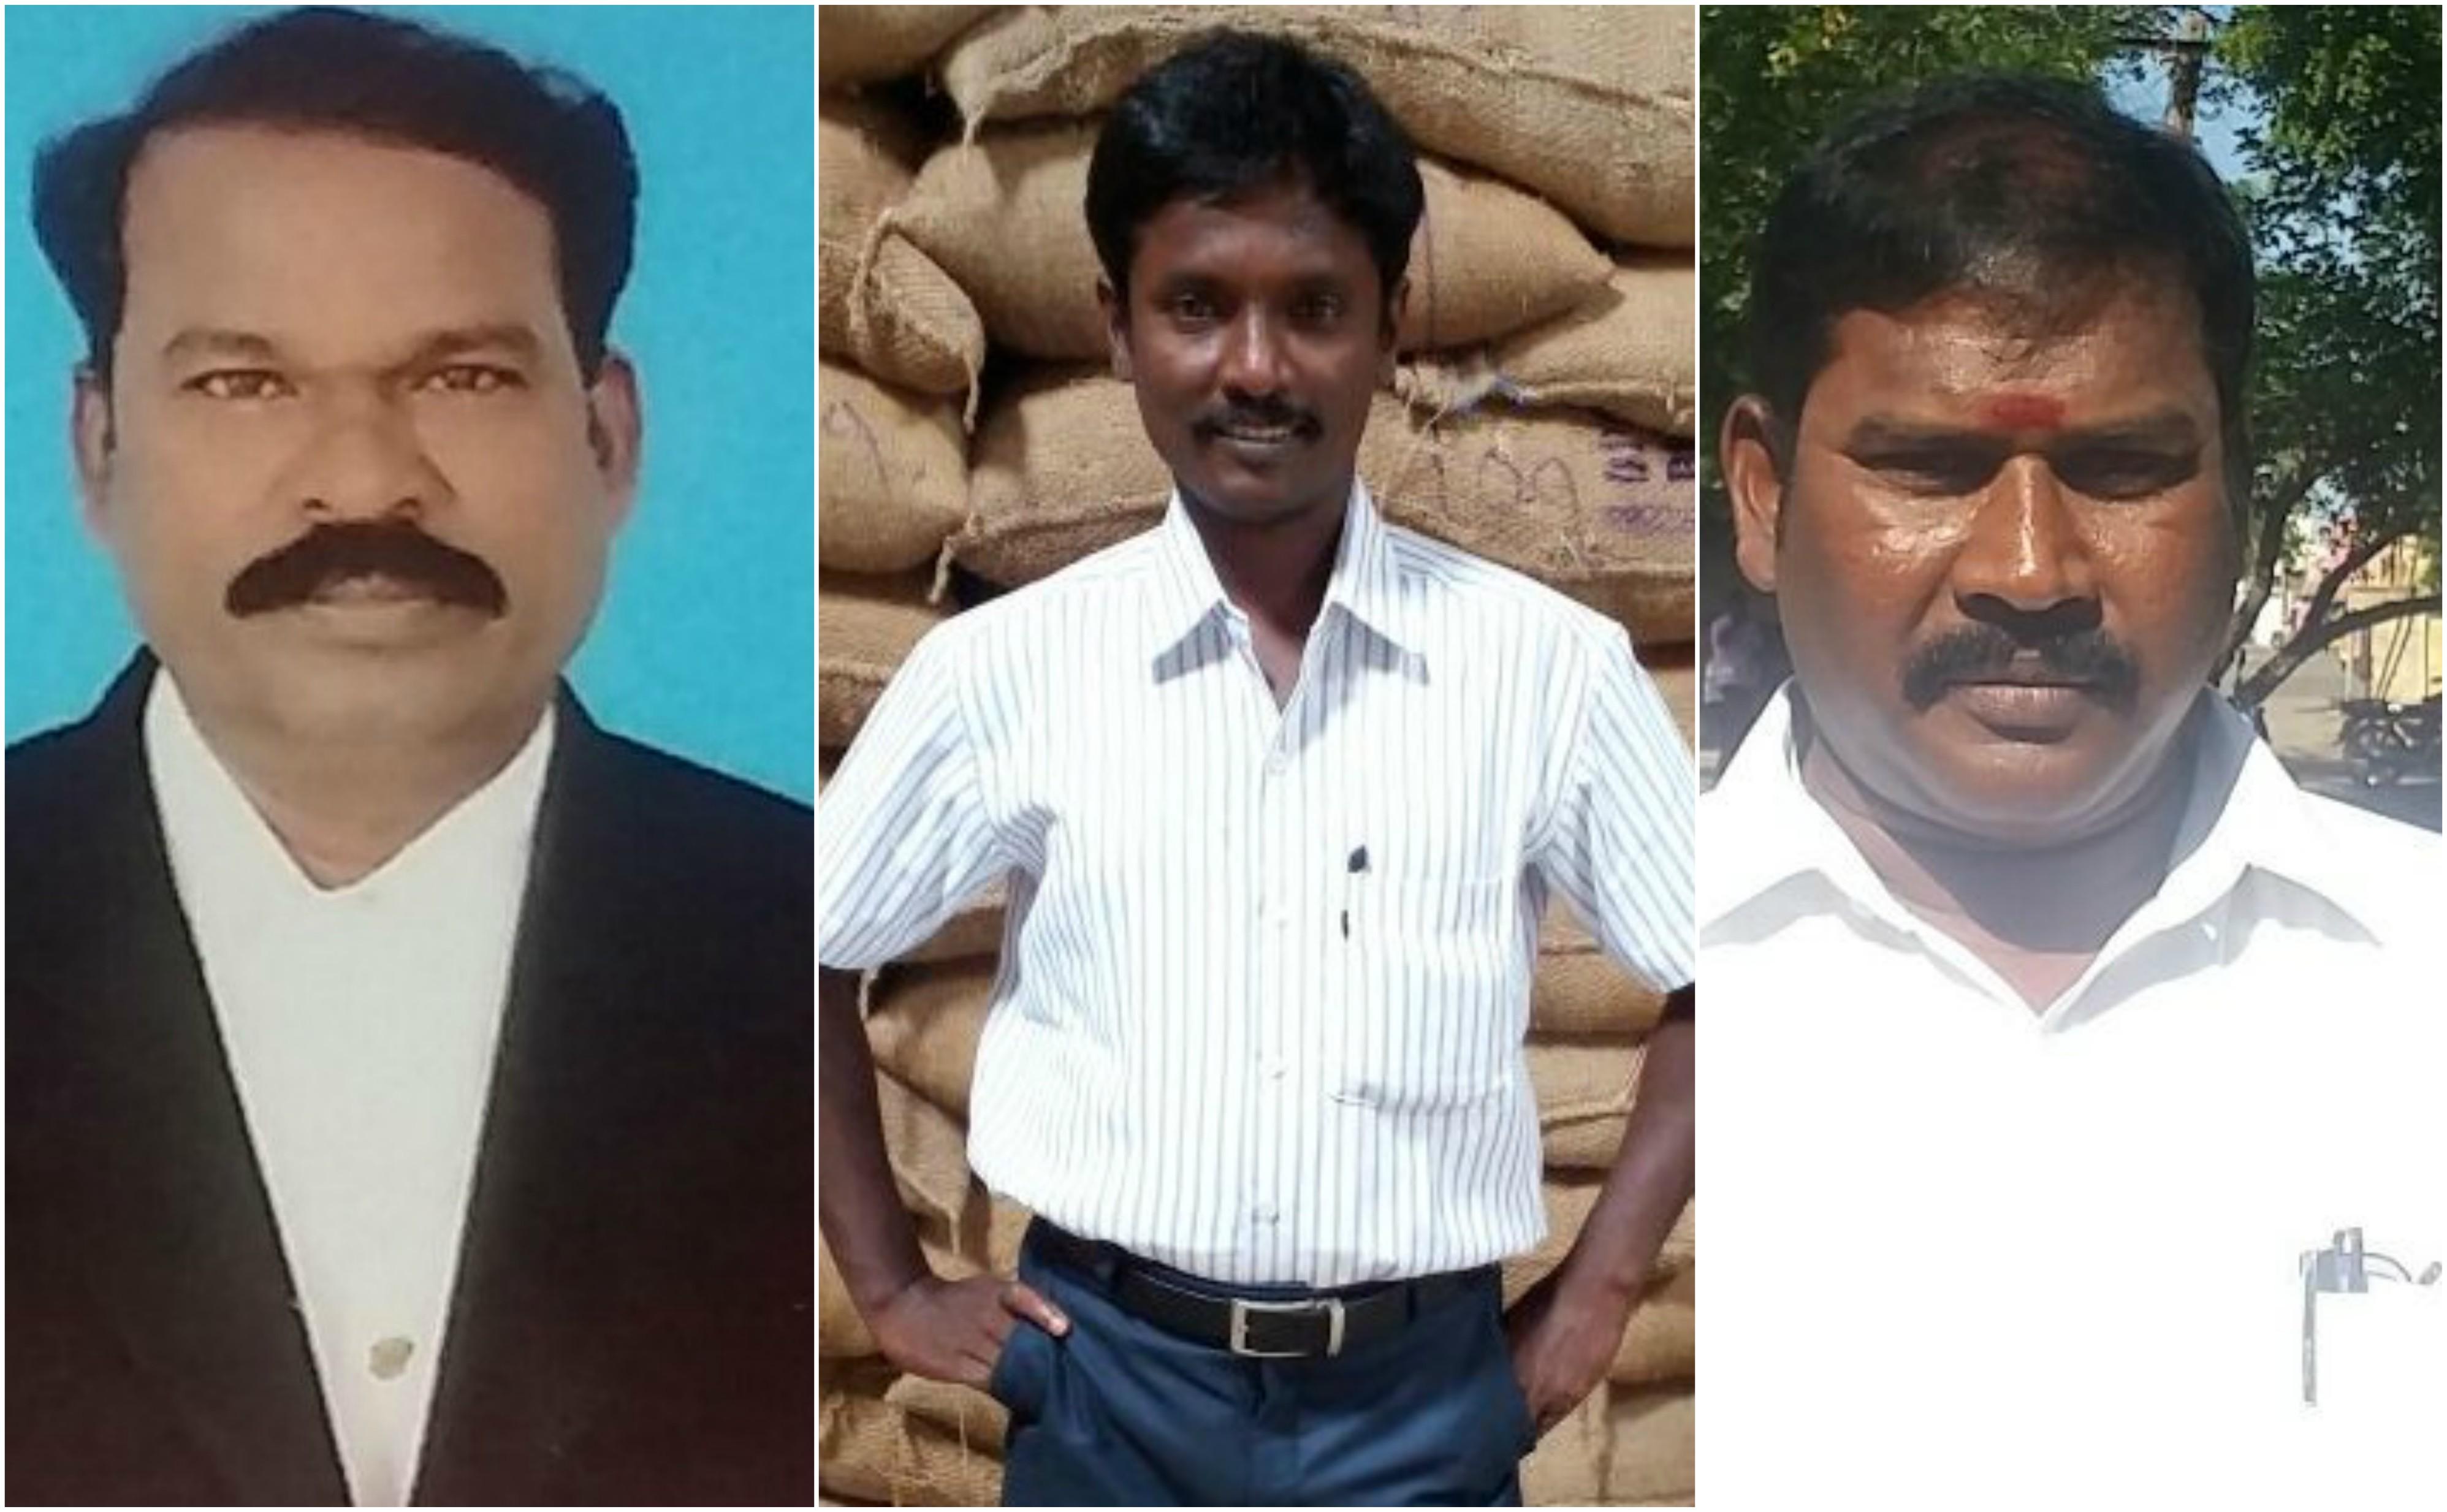 தலைவர் வீரராகவன், பொதுச் செயலாளர் சரவணன், பொருளாளர் பாஸ்கரன்